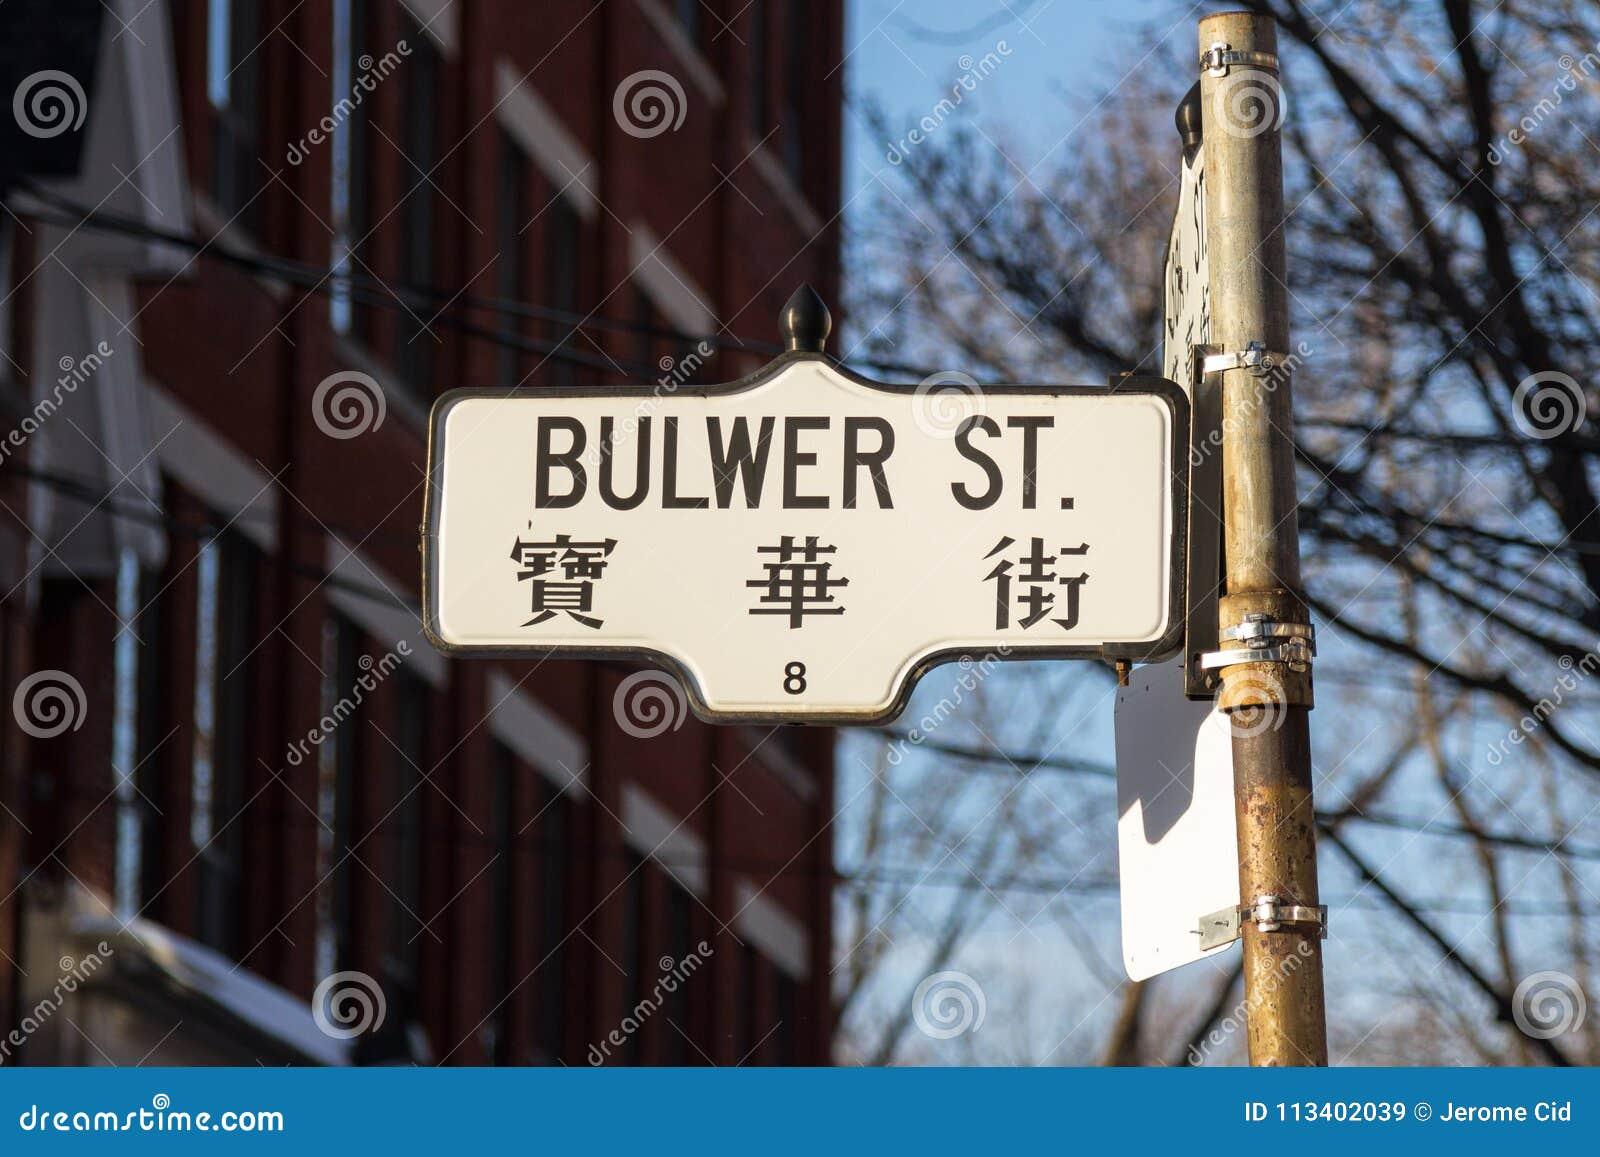 Tvåspråkigt gatatecken på på engelska och kinesisk språket för Bulwer det gata som, lokaliseras i den Toronto kineskvarteret